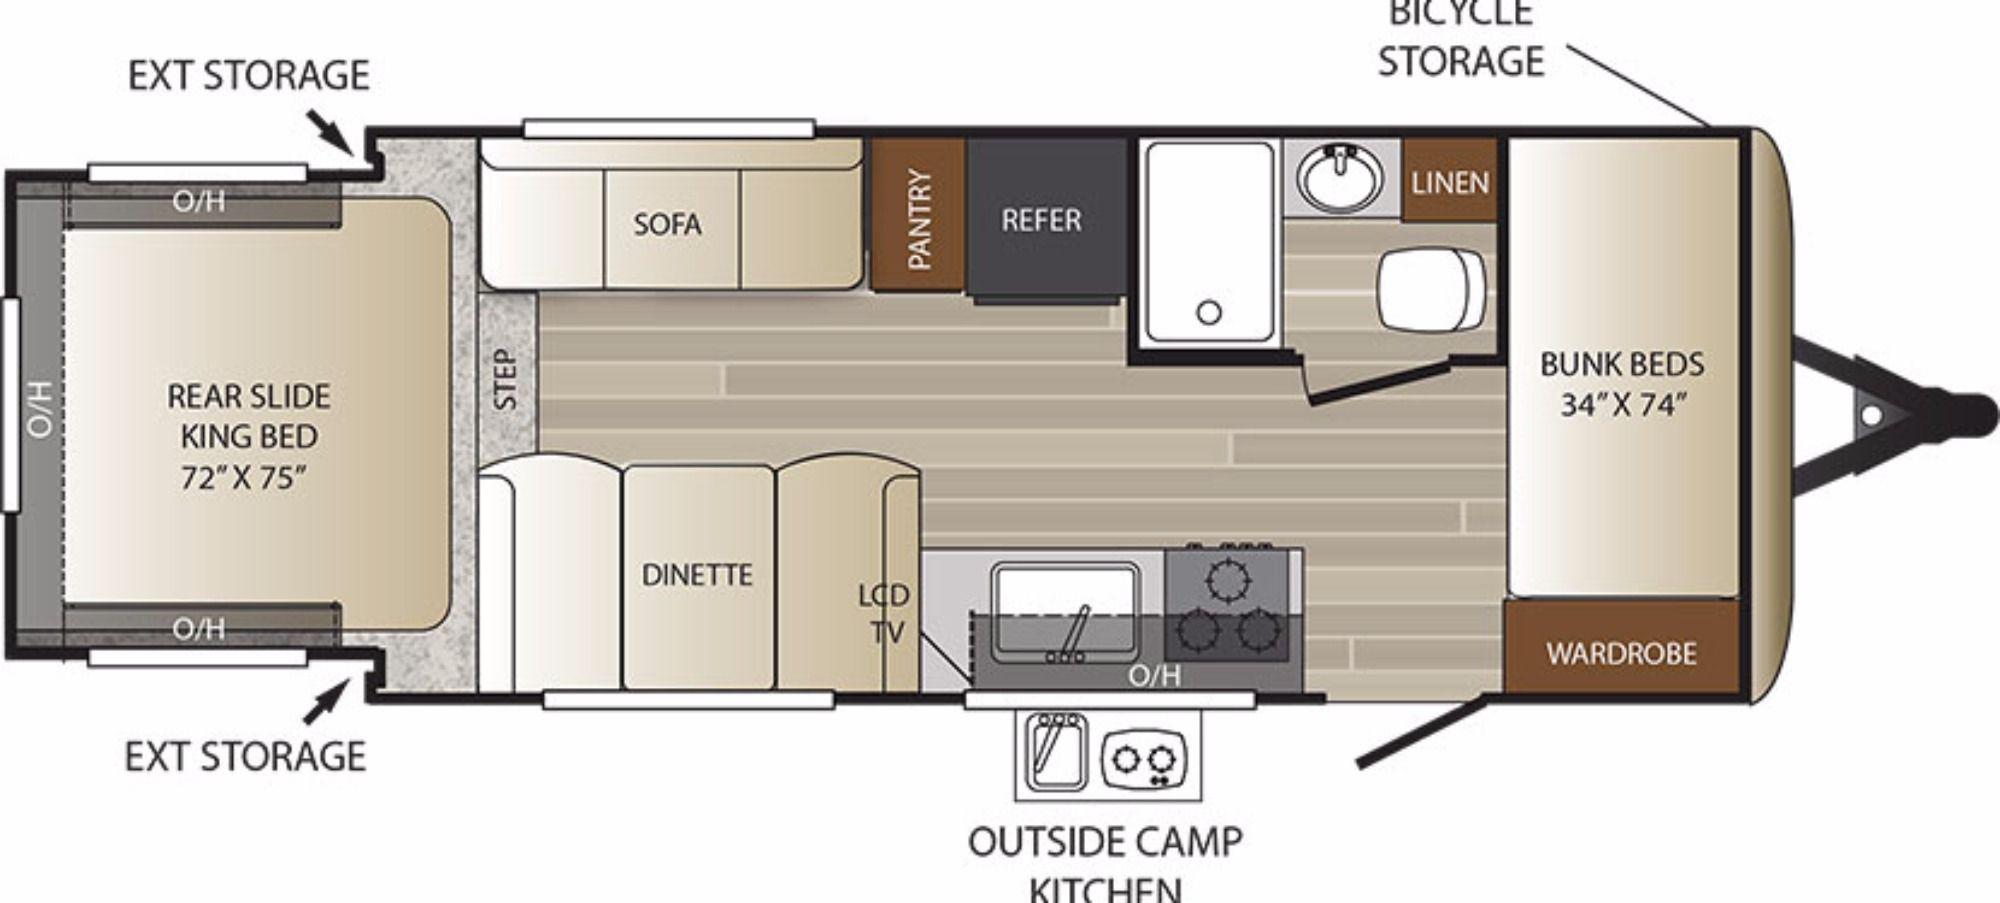 Bathroom Keystone outback, Bunkhouse camper, Campers for